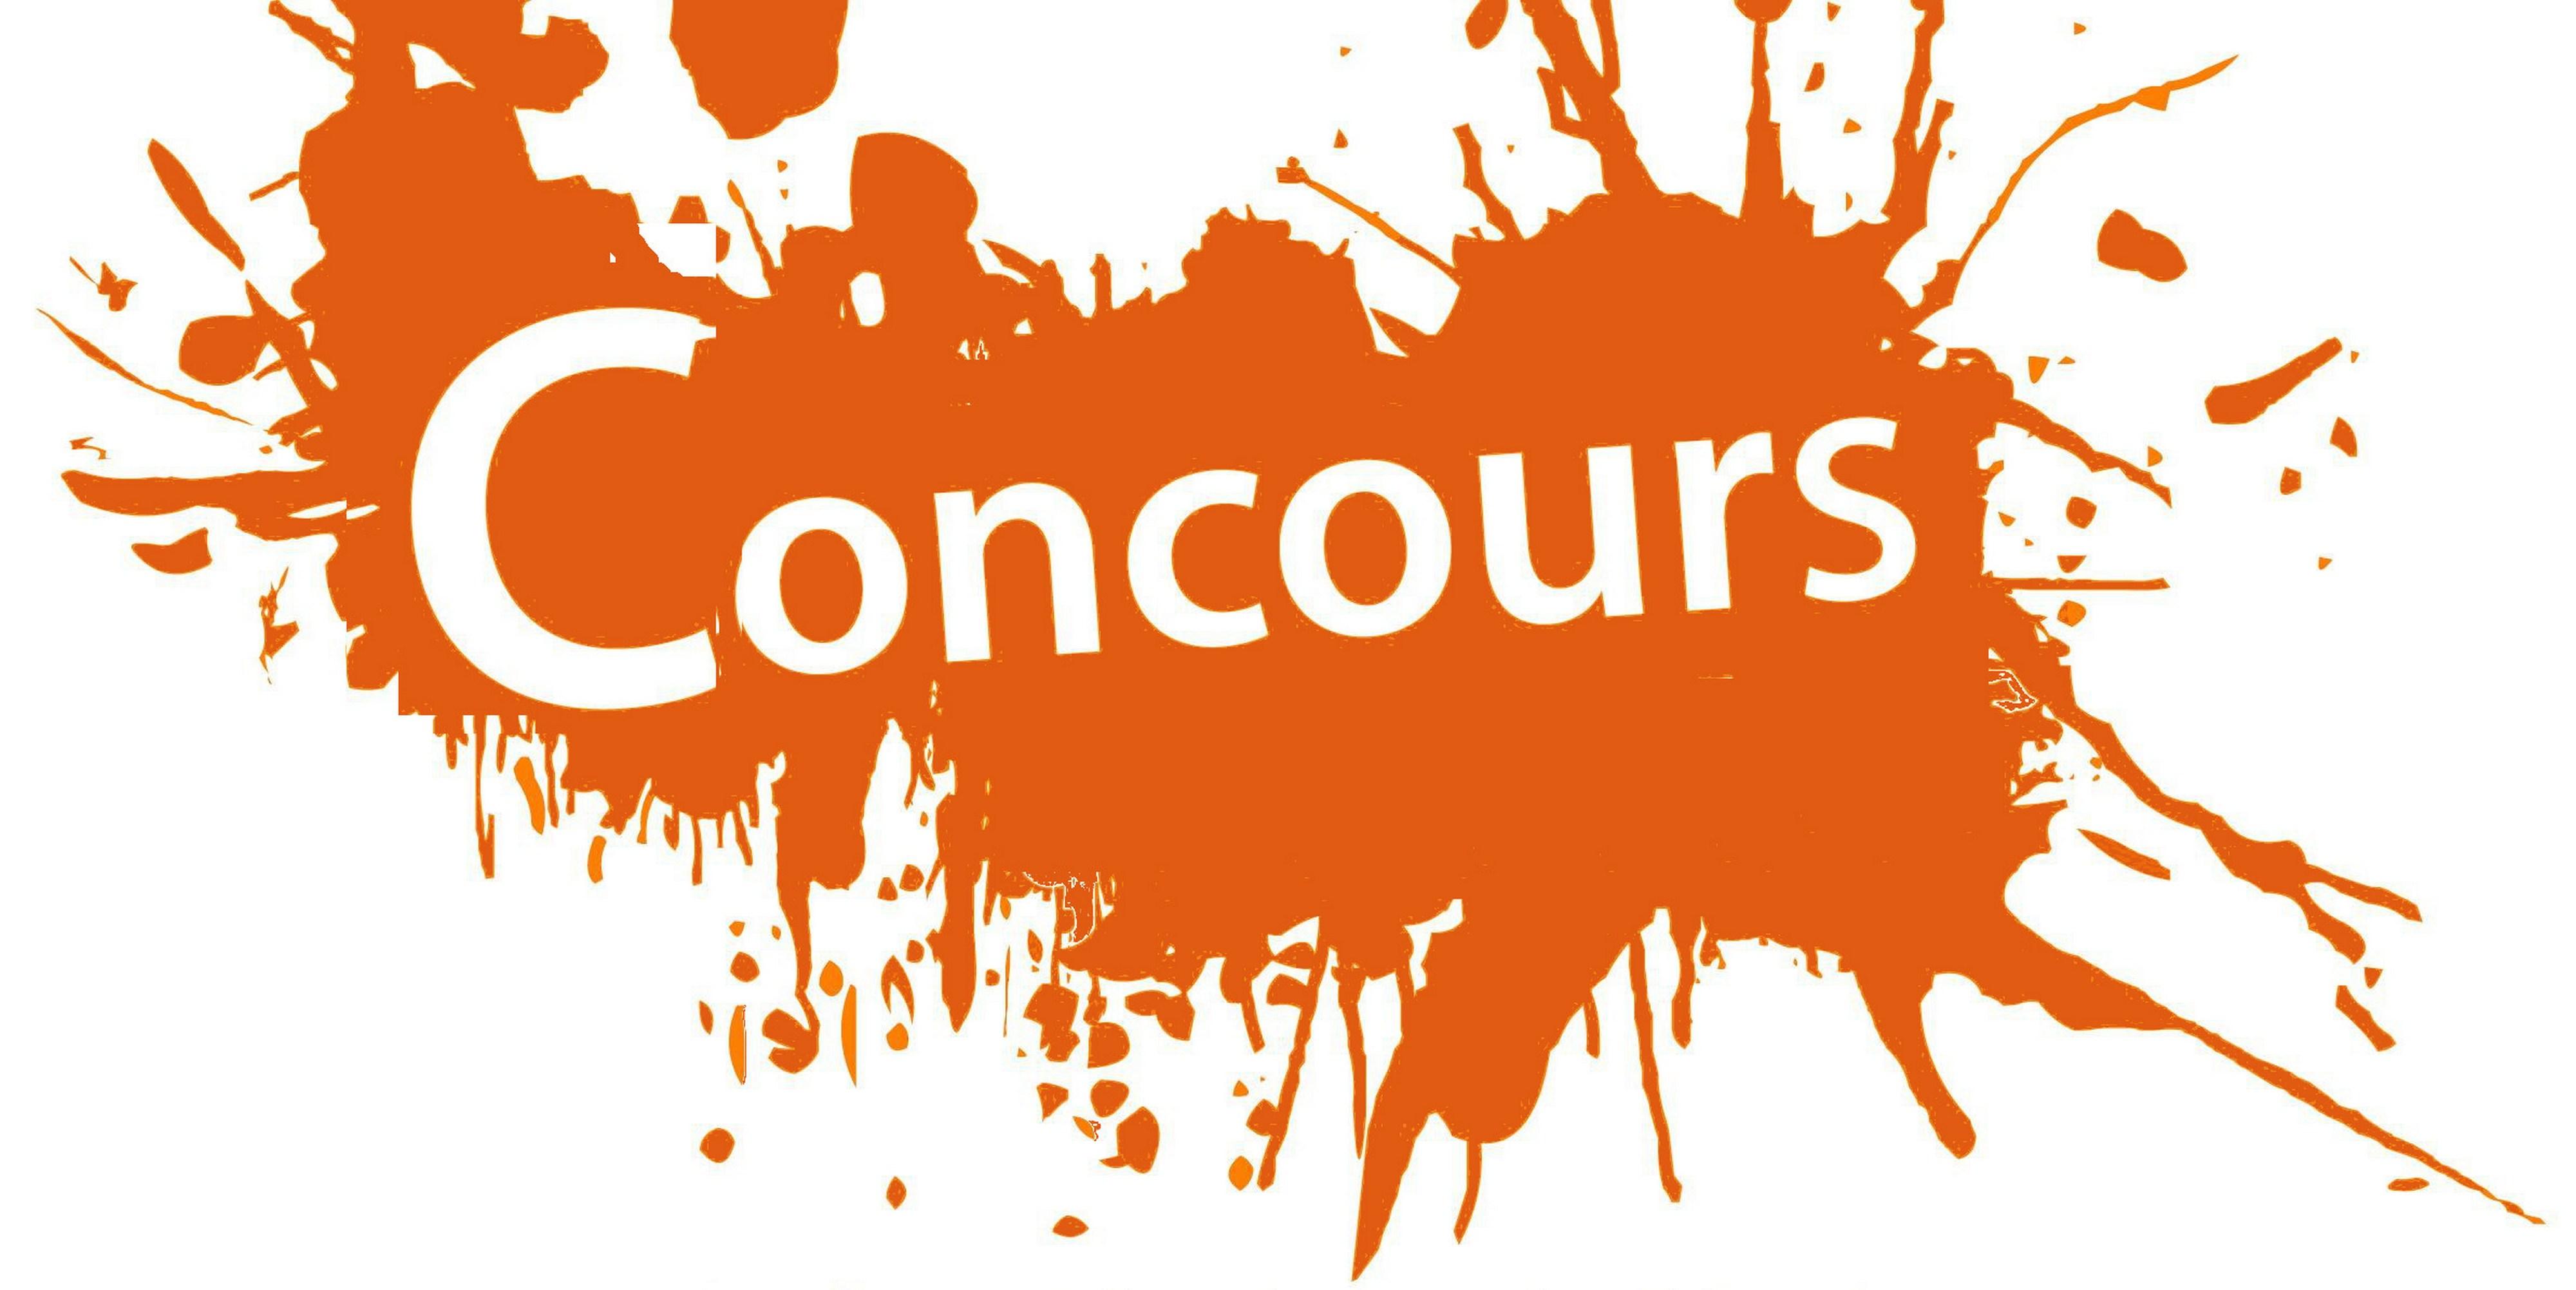 حفل تسليم جوائز النسخة الثالثة من  مسابقة الشباب الموريتاني